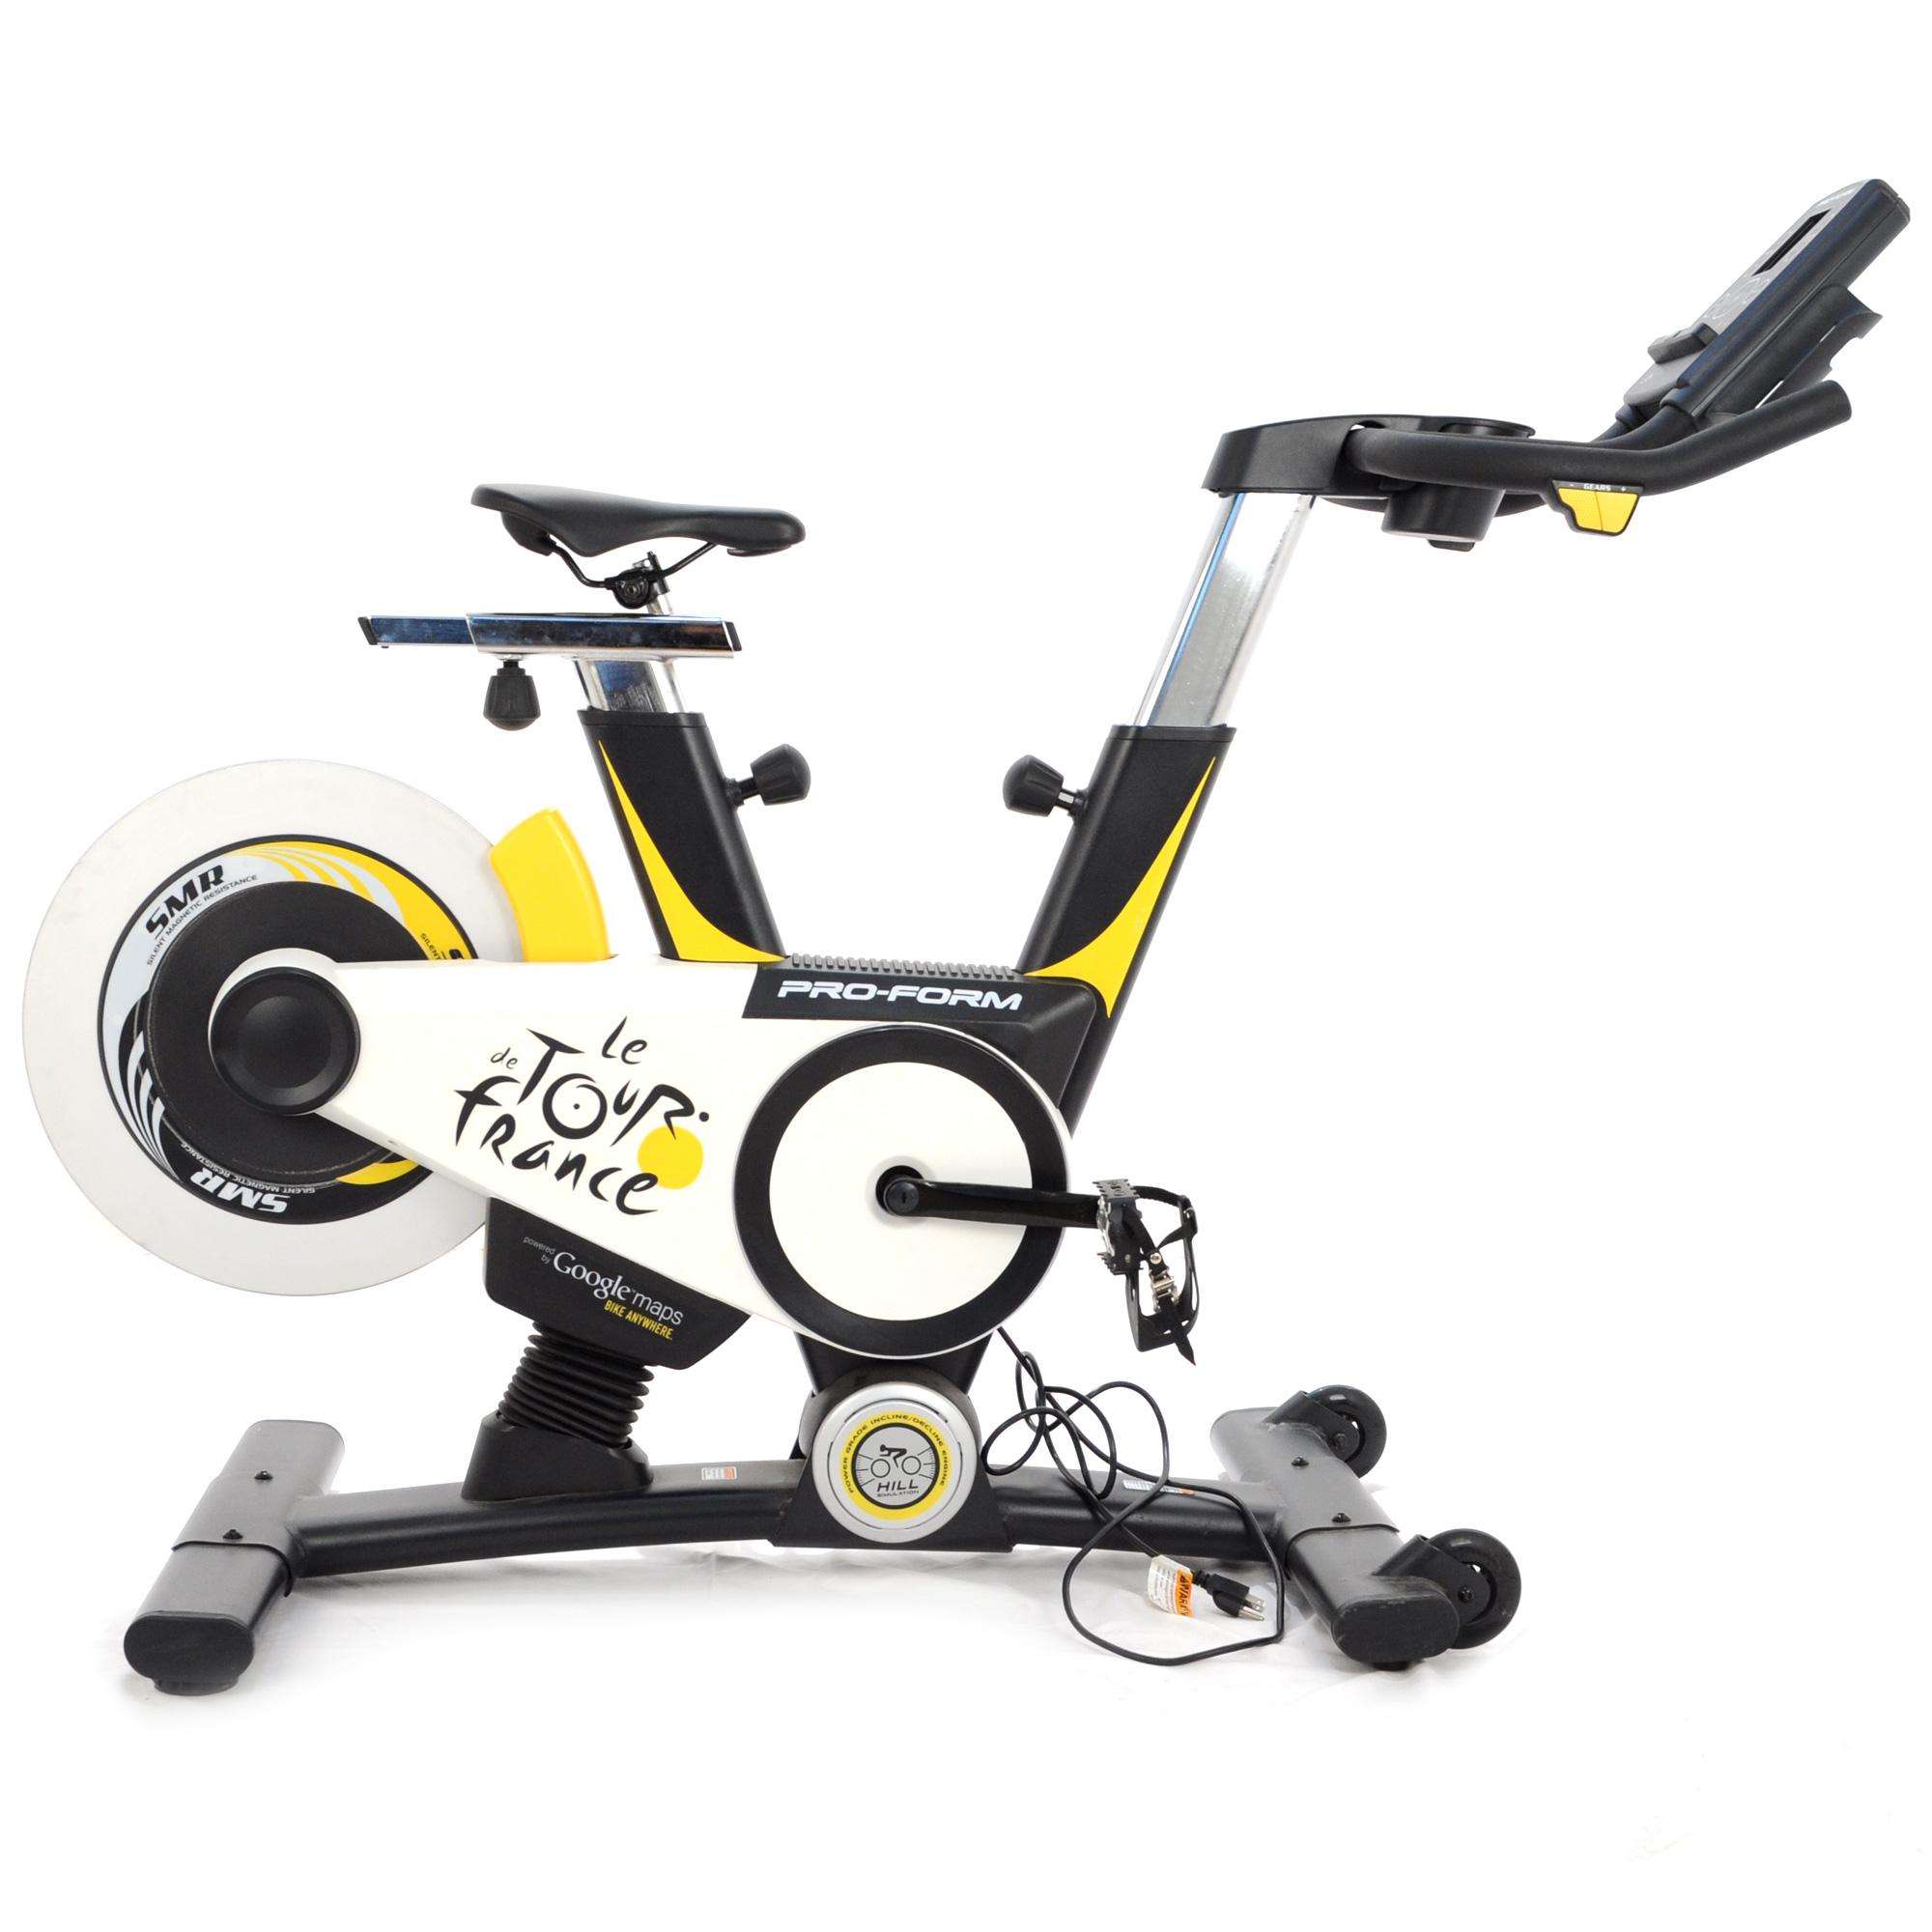 Bike Trainer En Francais: PRO-FORM Le Tour De France Stationary Spin Bike